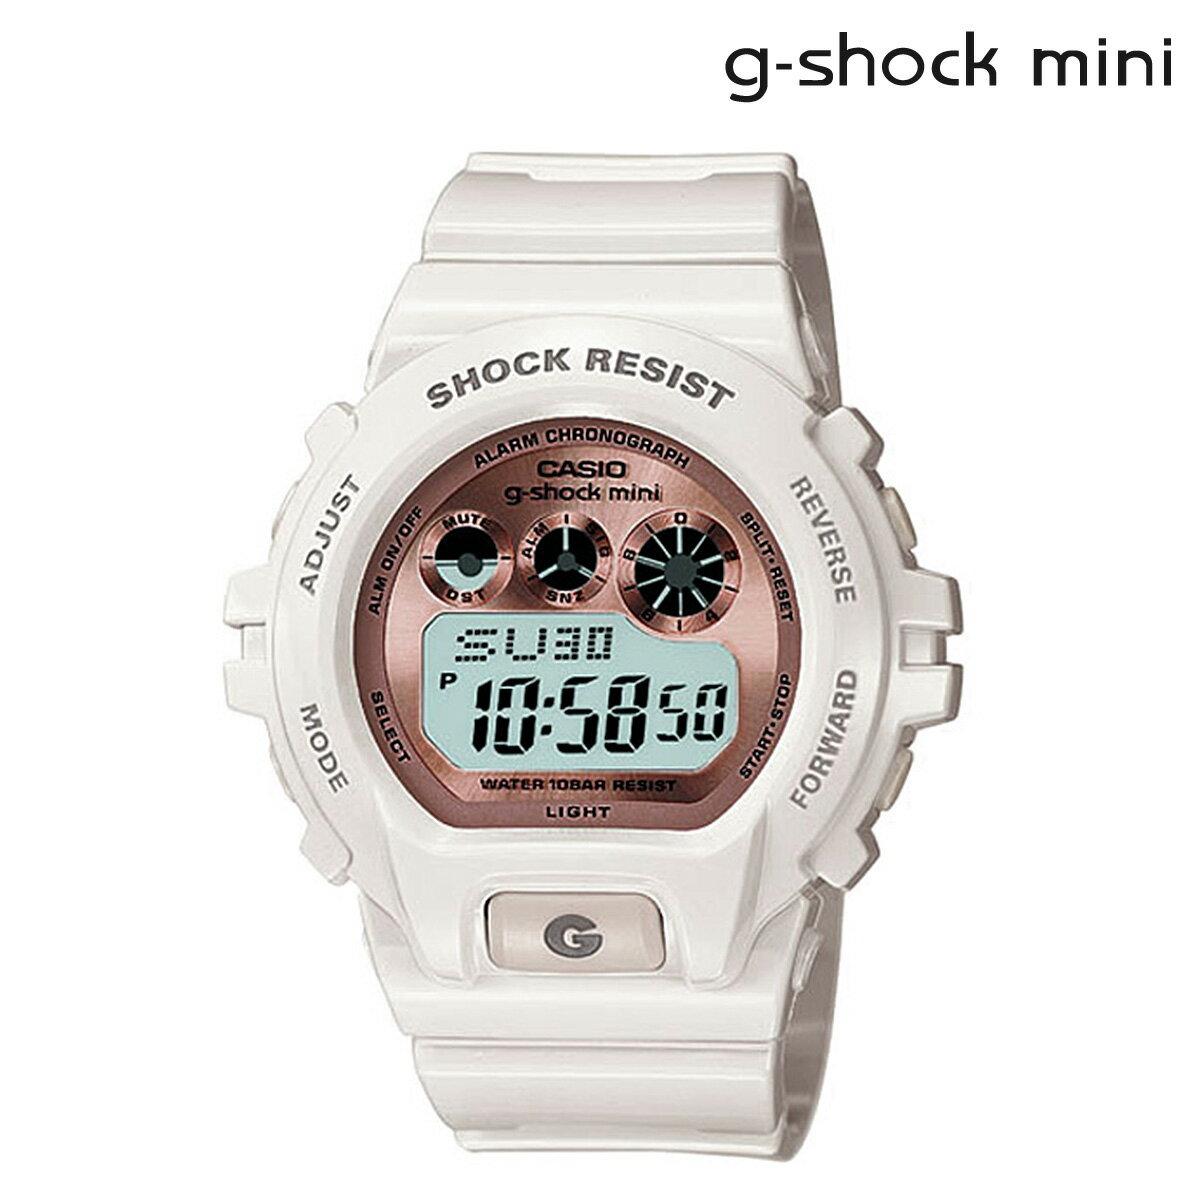 CASIO g-shock mini カシオ 腕時計 GMN-691-7BJF ジーショック ミニ Gショック G-ショック レディース [4/19 再入荷] [184]